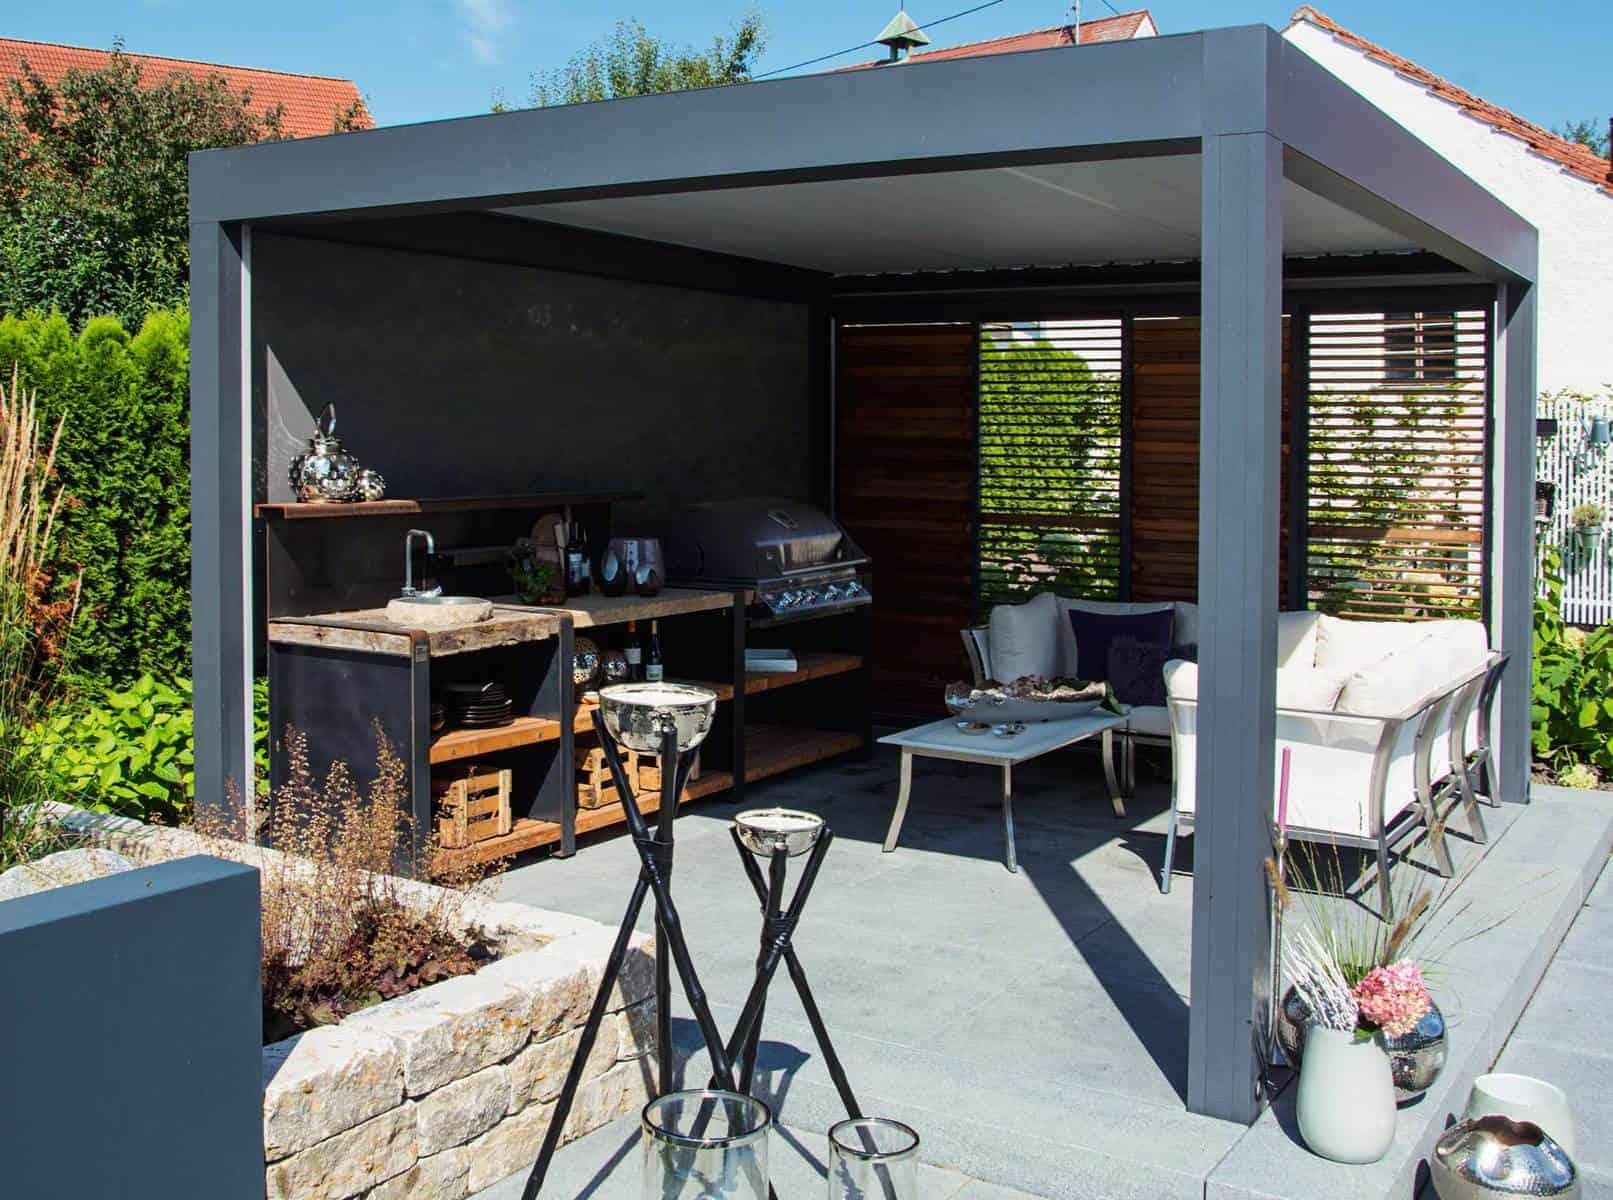 Outdoor Küche Utensilien : Wundervolle outdoor küchen von bullinger gartengestaltung